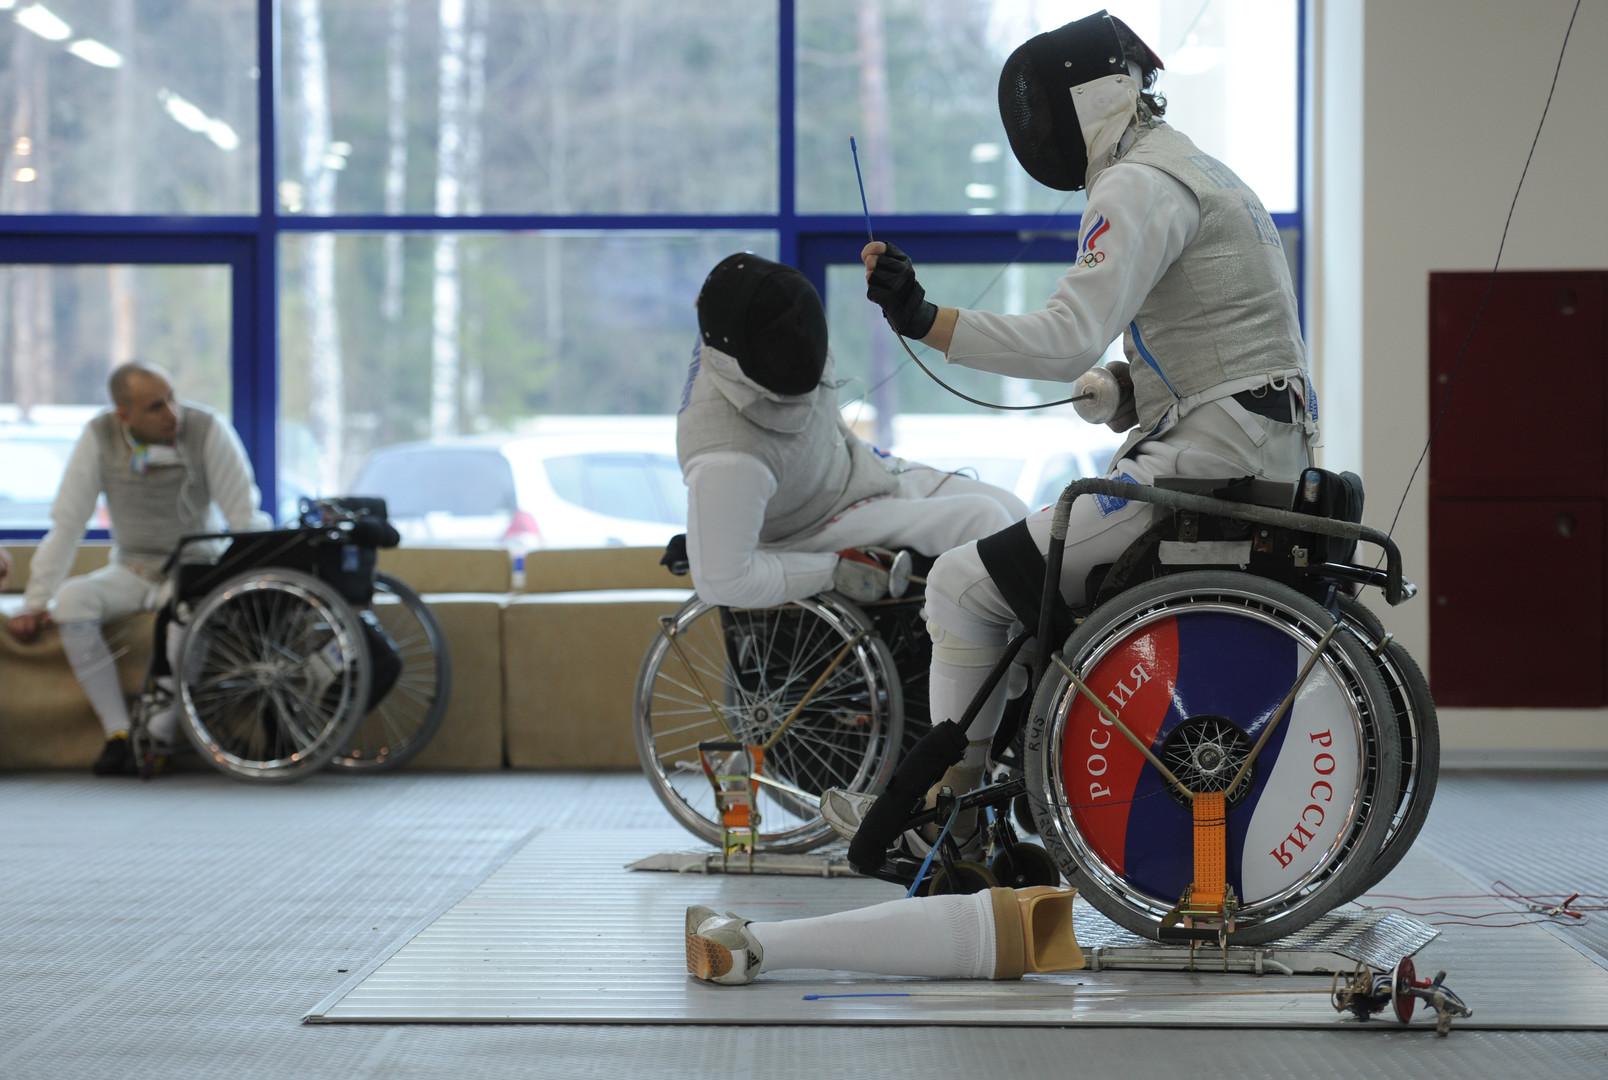 ПКР: У российских паралимпийцев ещё есть шанс принять участие в играх